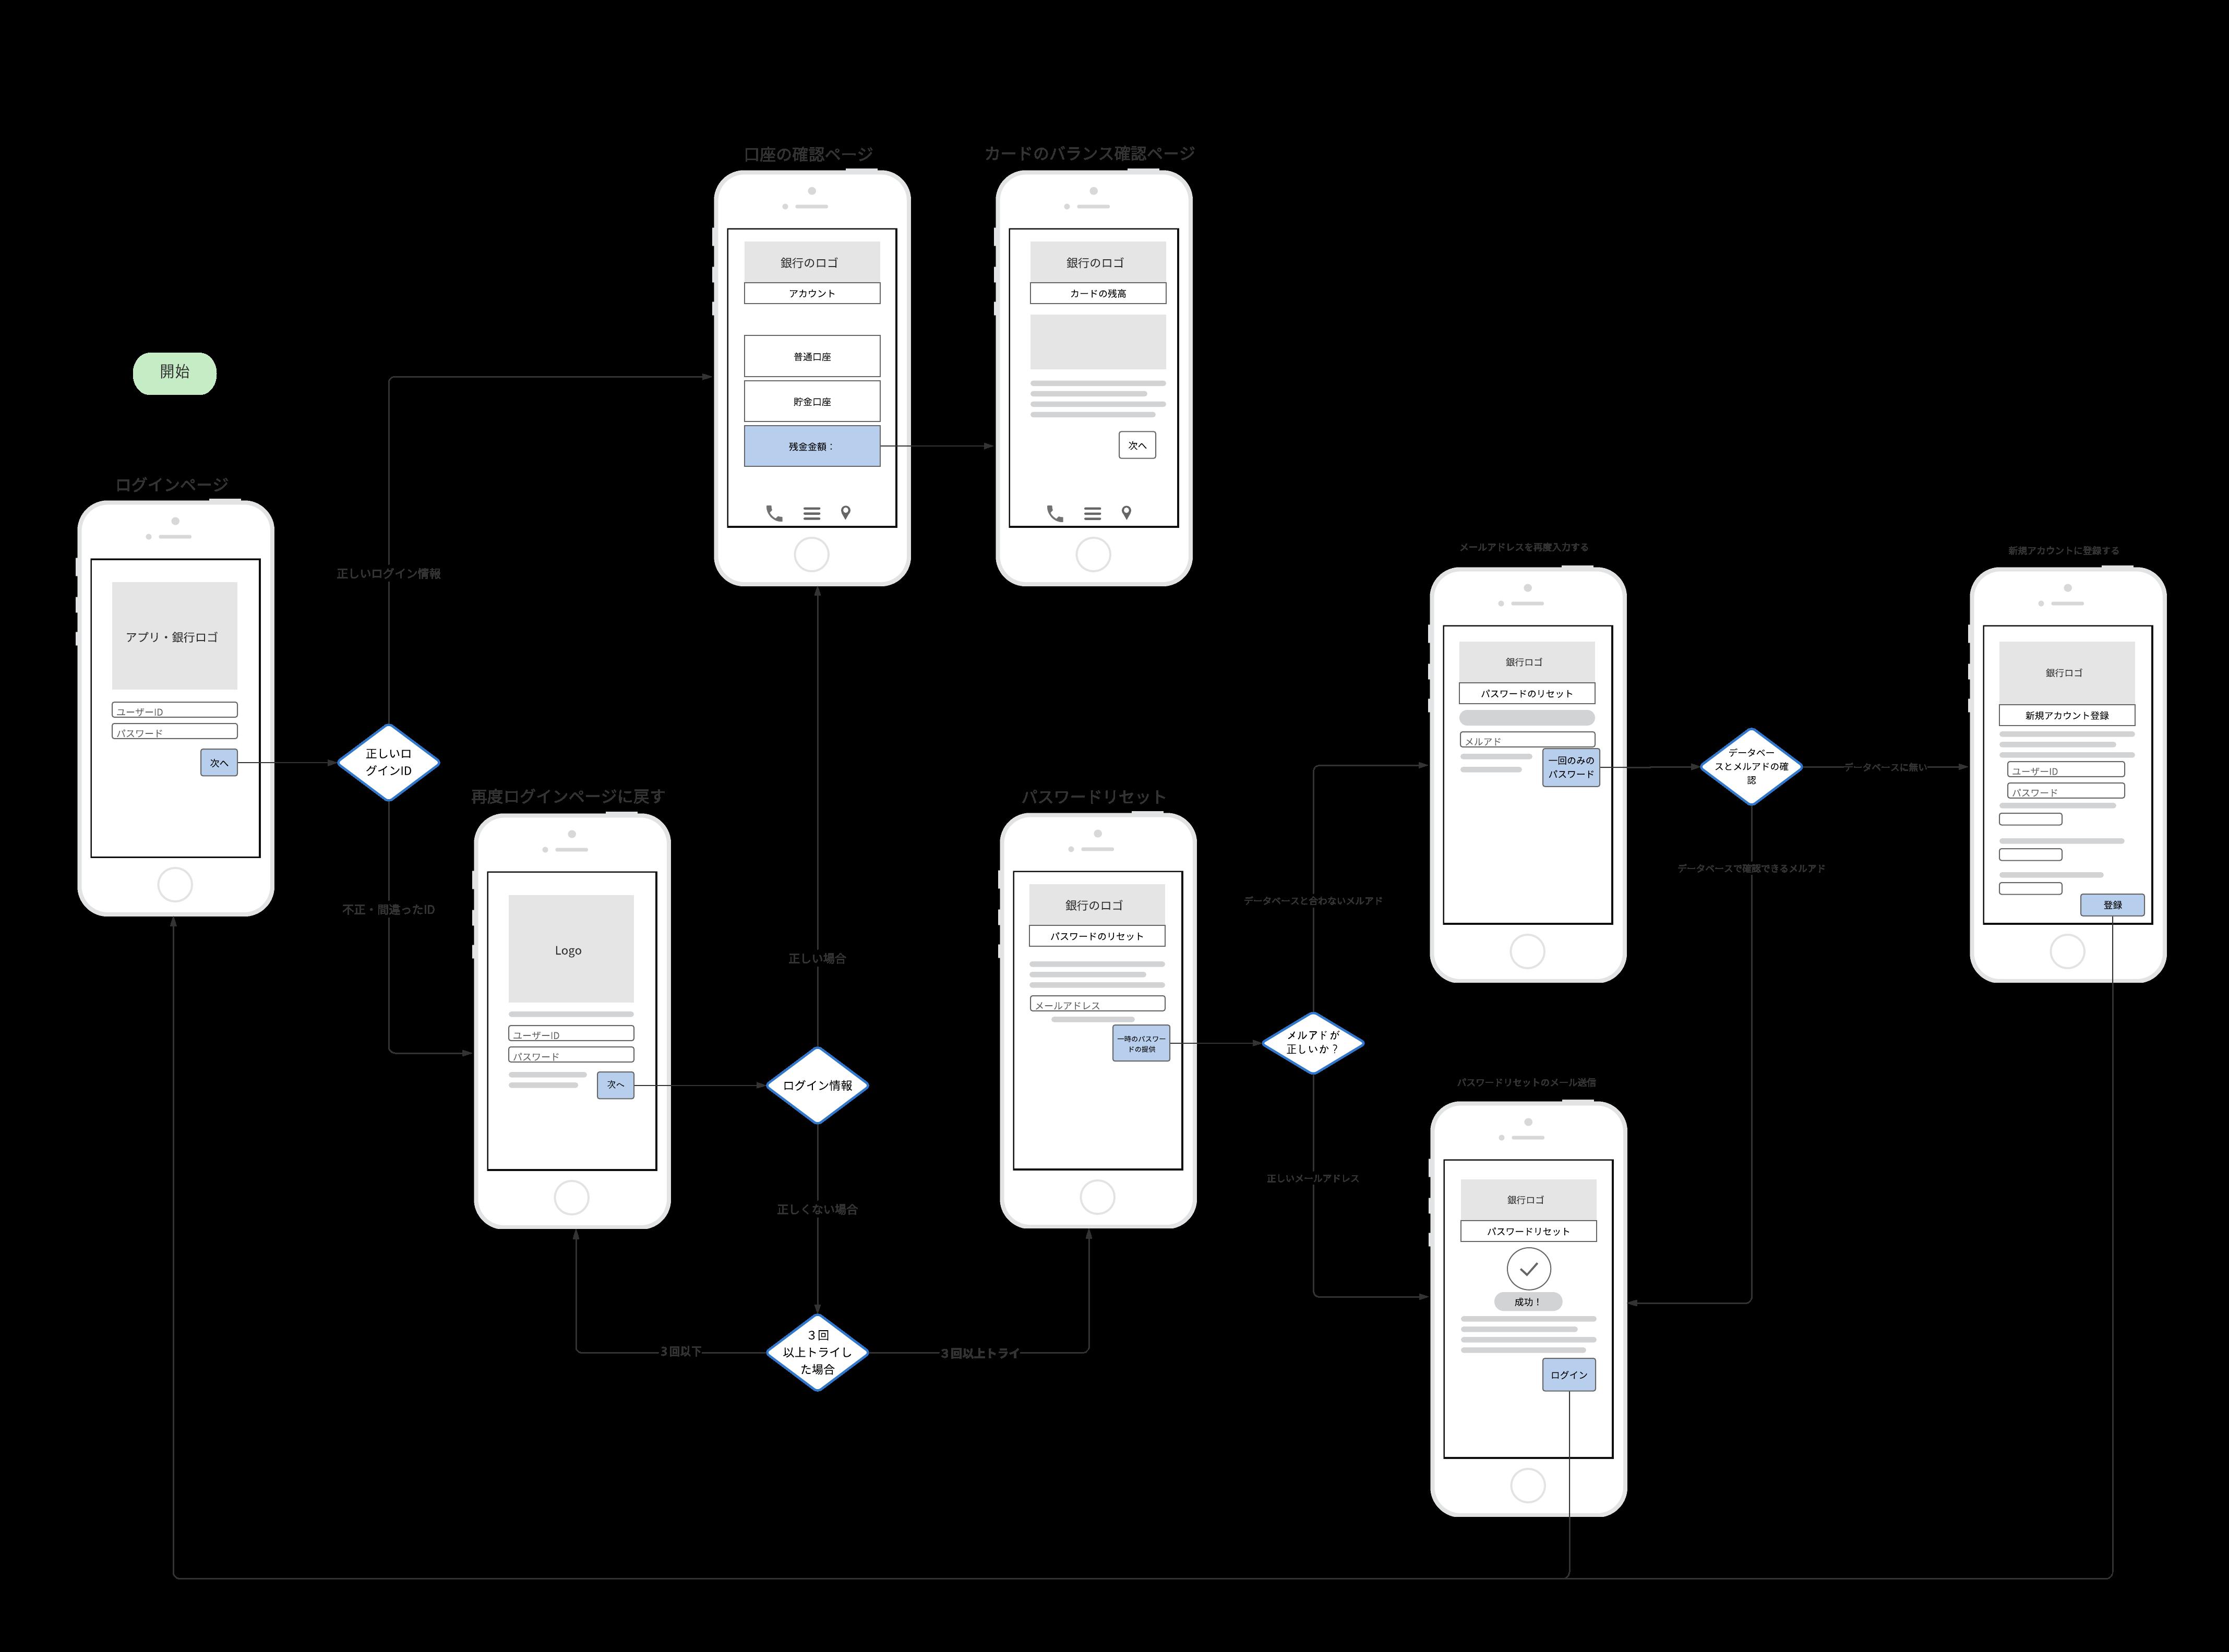 スマホアプリのワイヤーフレームサンプル例